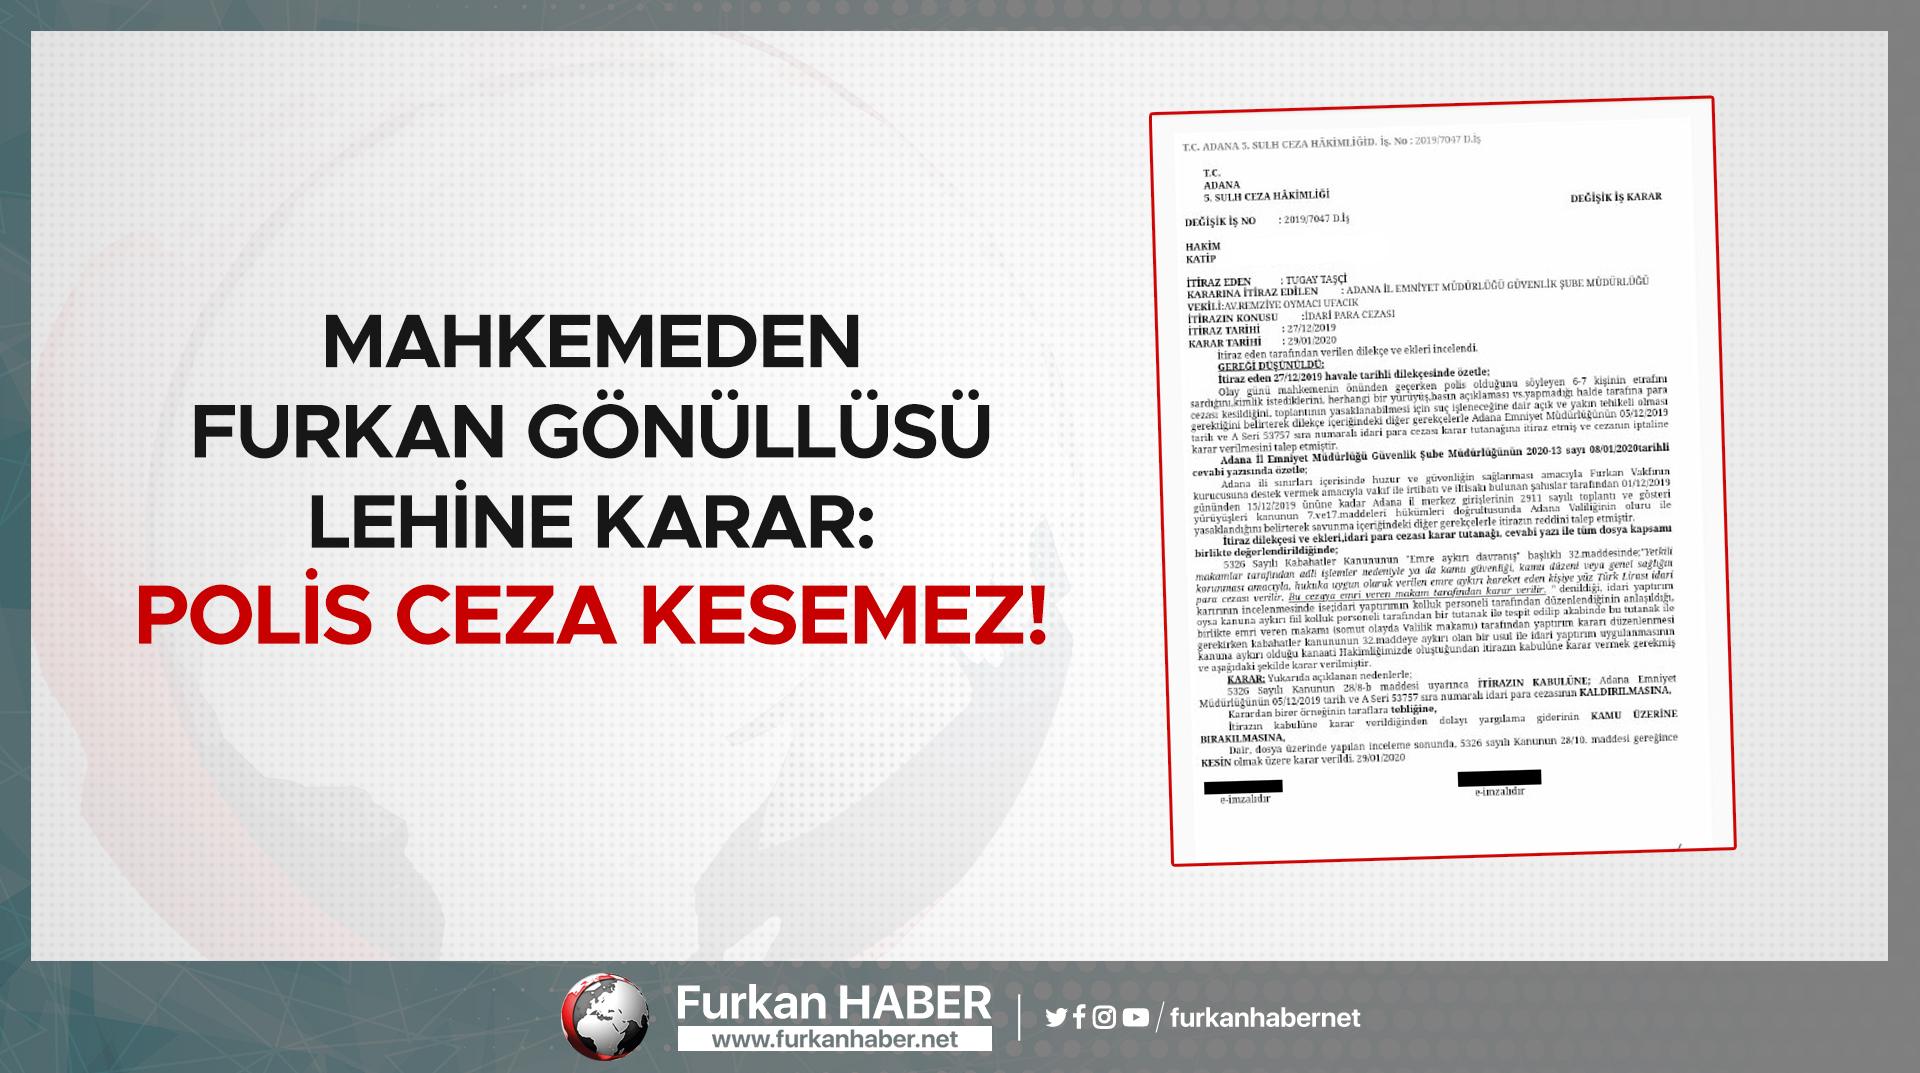 Mahkemeden Furkan Gönüllüsü Lehine Karar: Polis Ceza Kesemez!